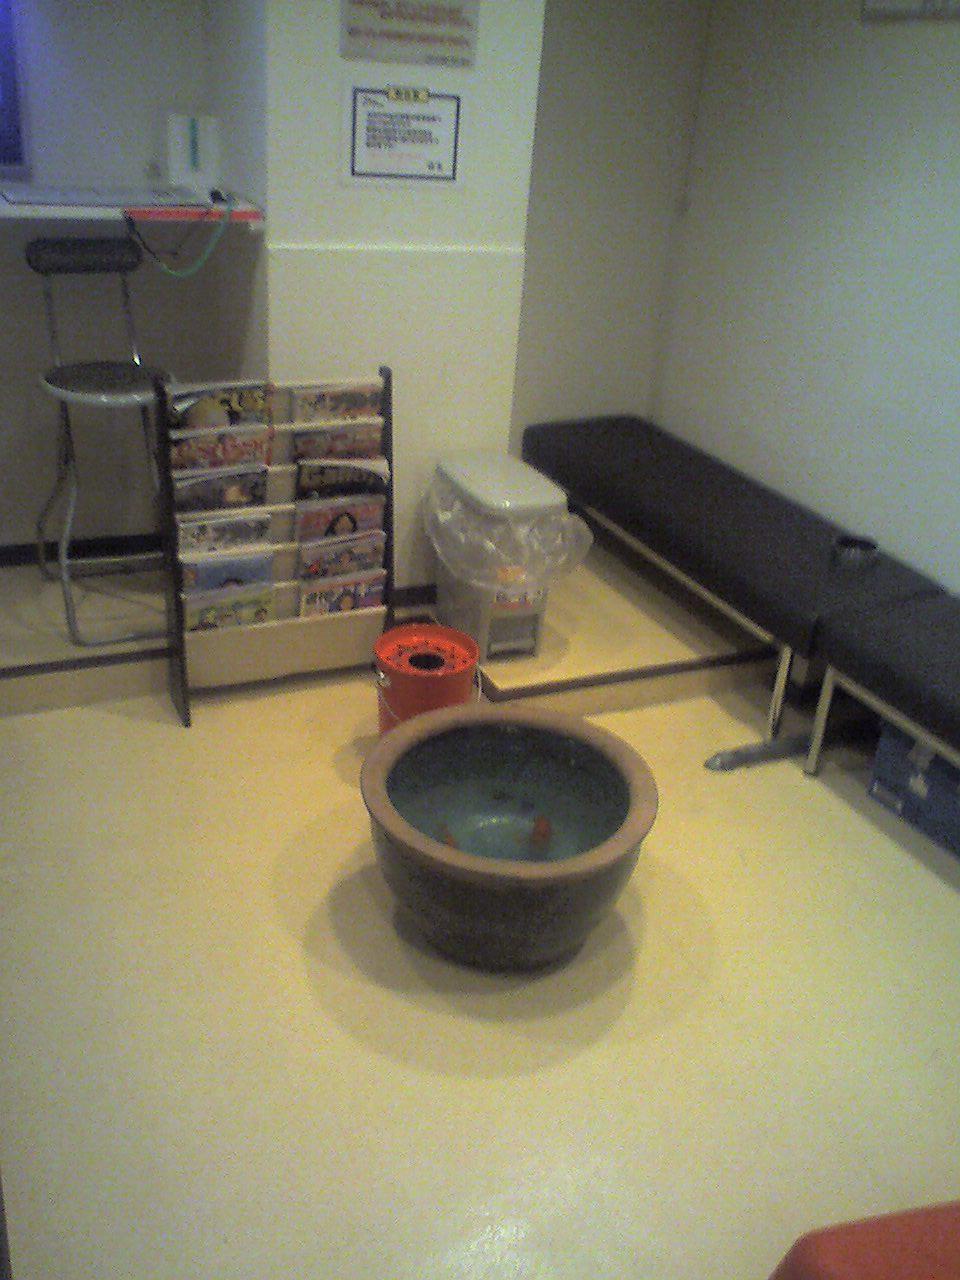 新橋 金魚1 新橋平成女学園に癒しの空間登場! 待合室がキレイになった新橋平成女学園ですが、そん